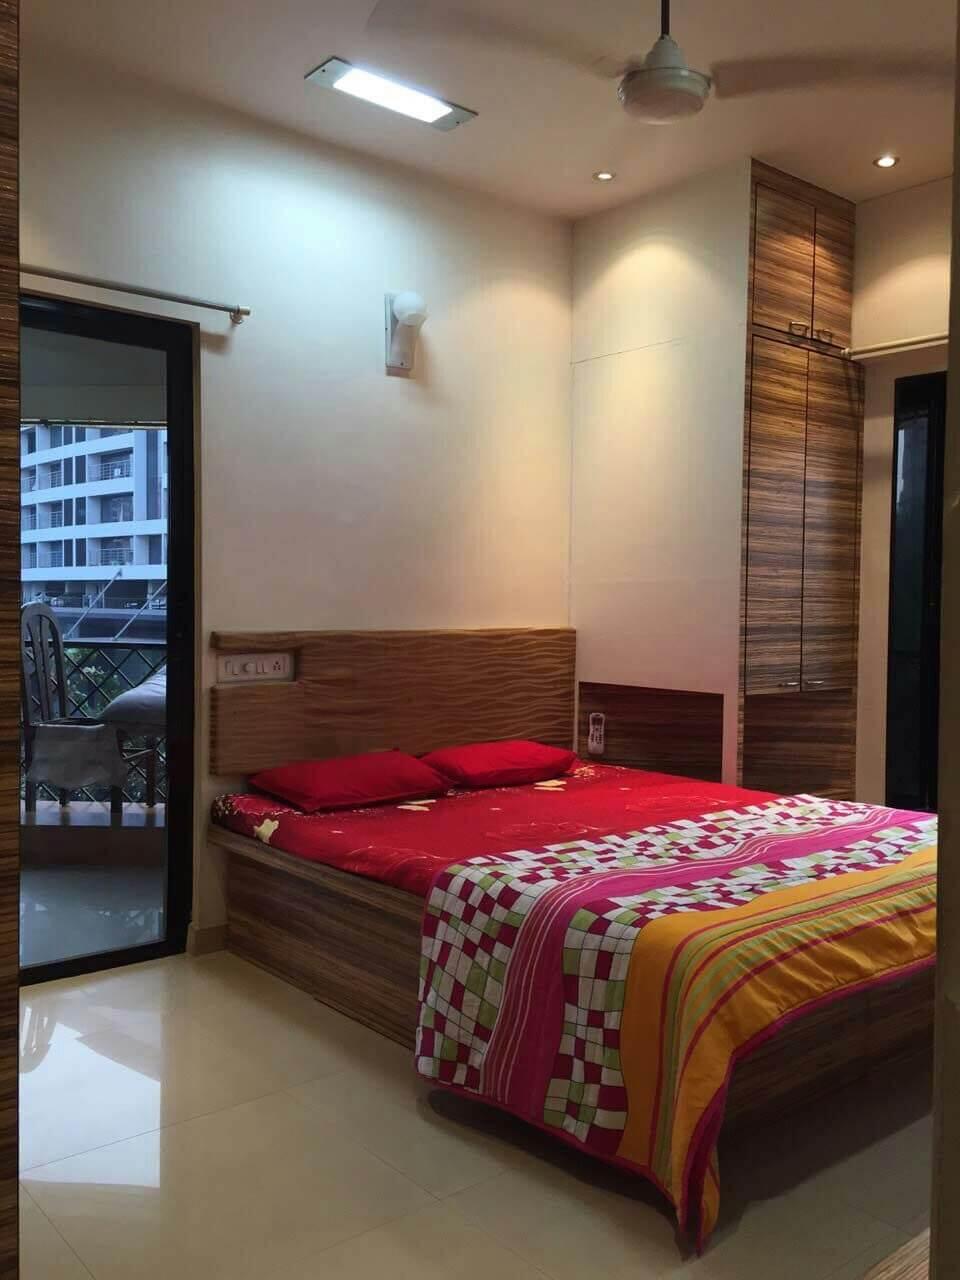 1 Bedroom Studio For Rent: One Bedroom Service Apartment